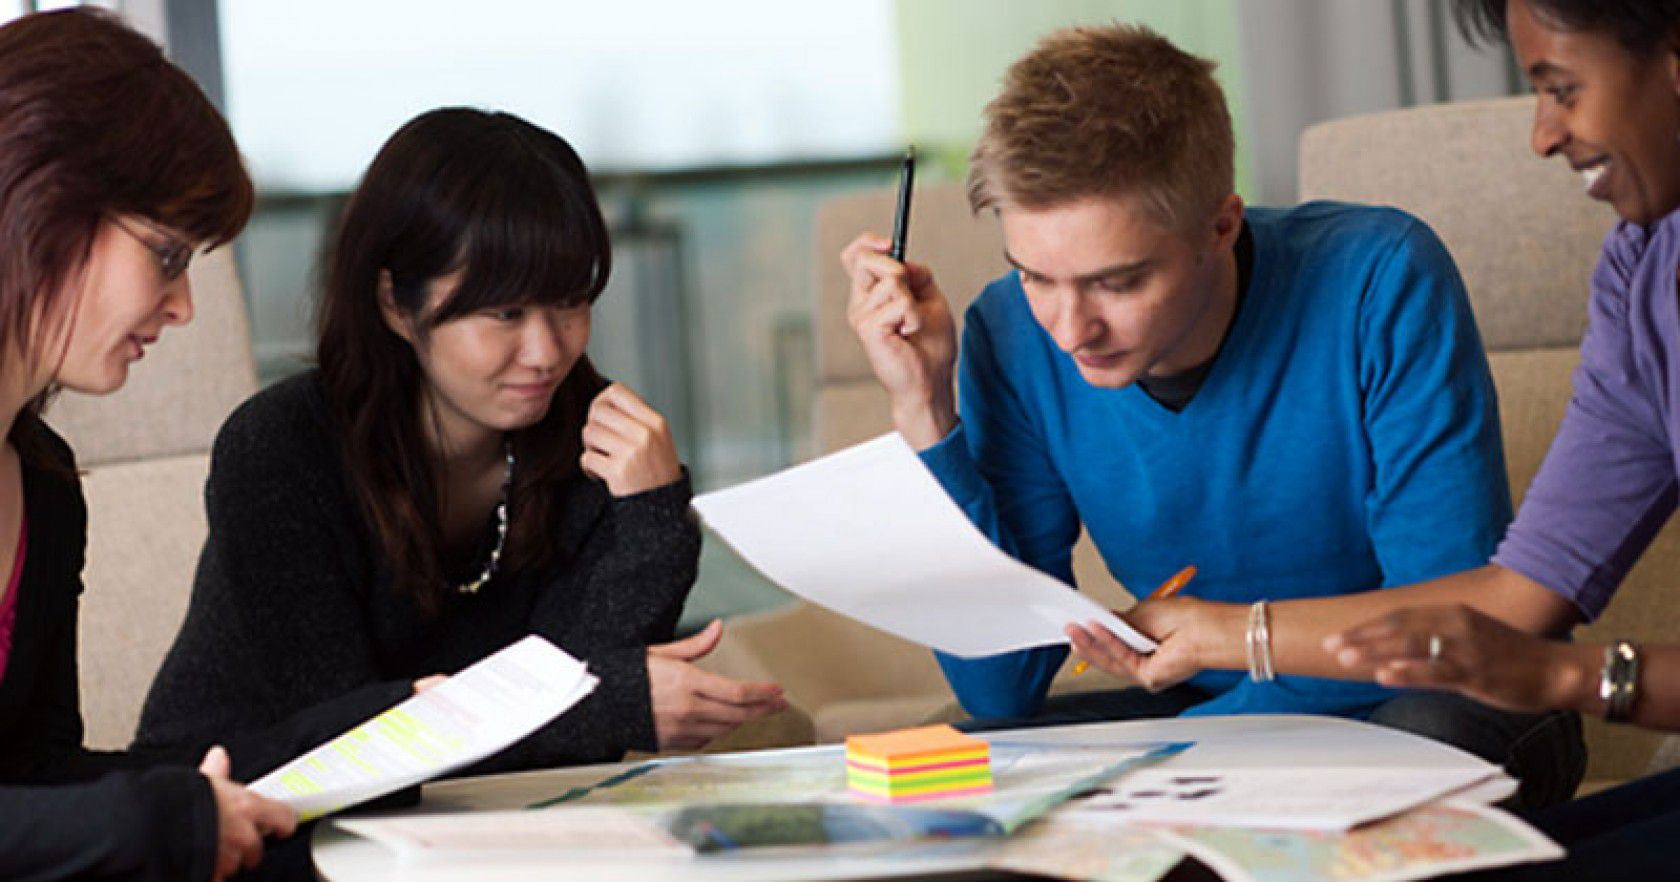 Avustralya Lise Öğrenci Vizeleri Ve Belgeleri Nelerdir?